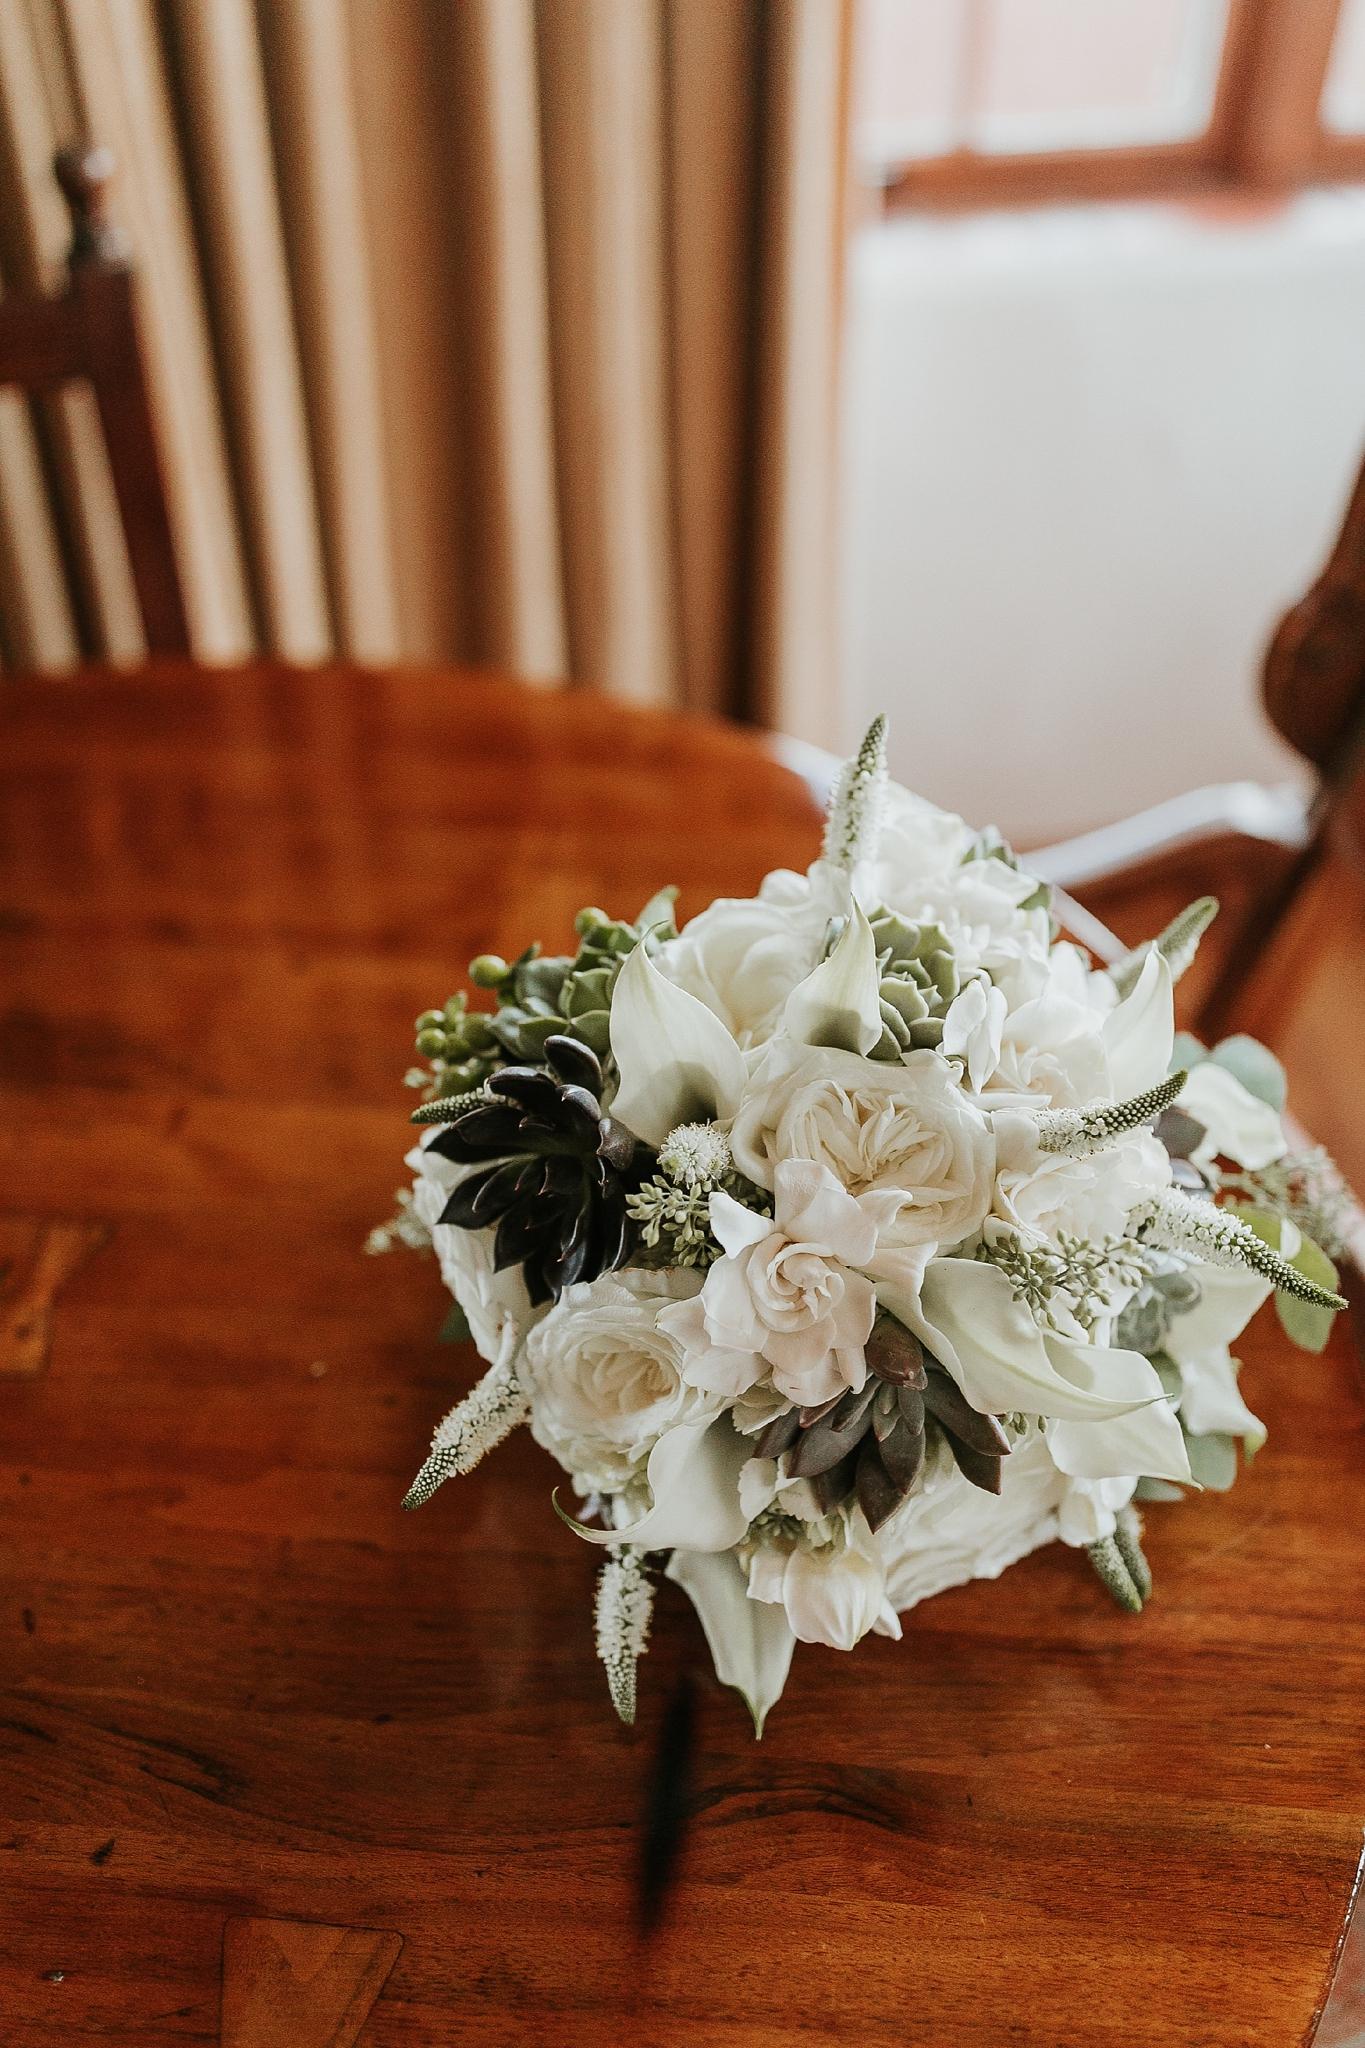 Alicia+lucia+photography+-+albuquerque+wedding+photographer+-+santa+fe+wedding+photography+-+new+mexico+wedding+photographer+-+new+mexico+wedding+-+summer+wedding+-+summer+wedding+florals+-+southwest+wedding_0107.jpg